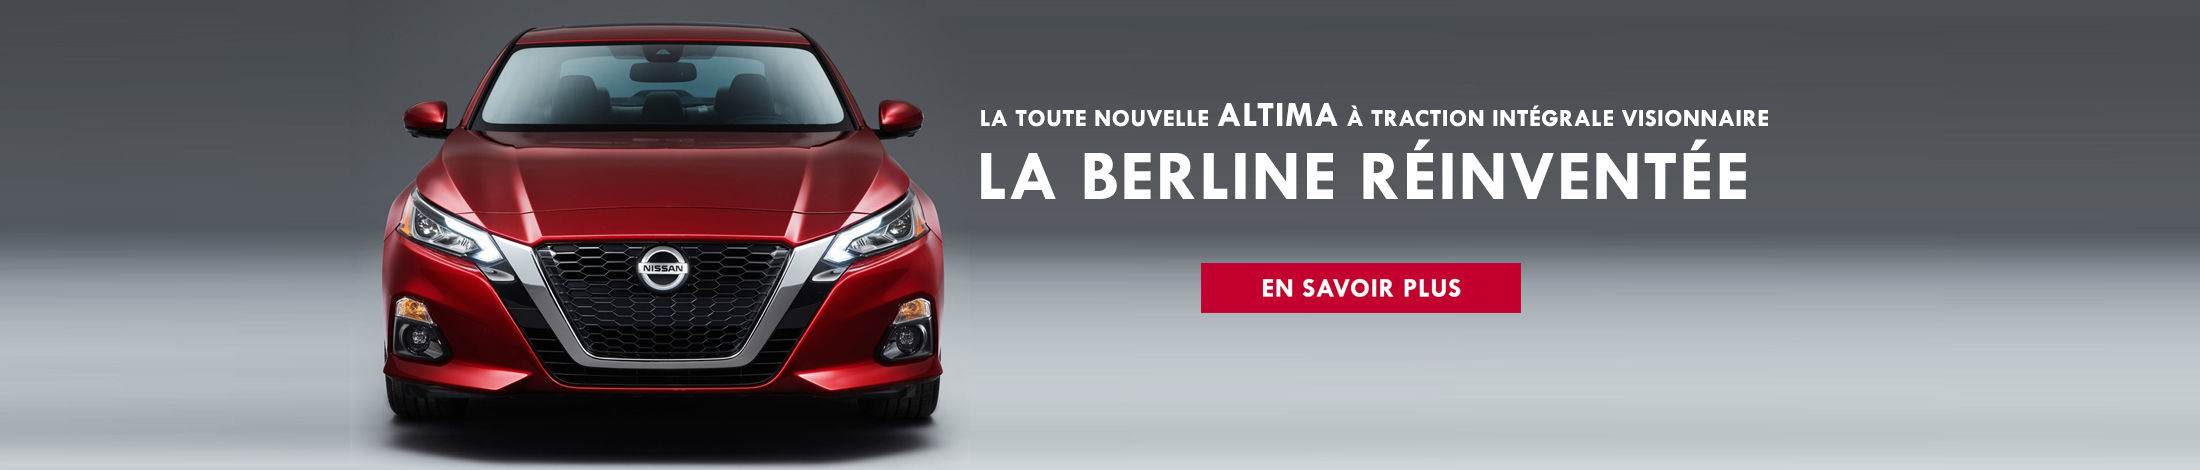 Nissan Altima 2019 banniere